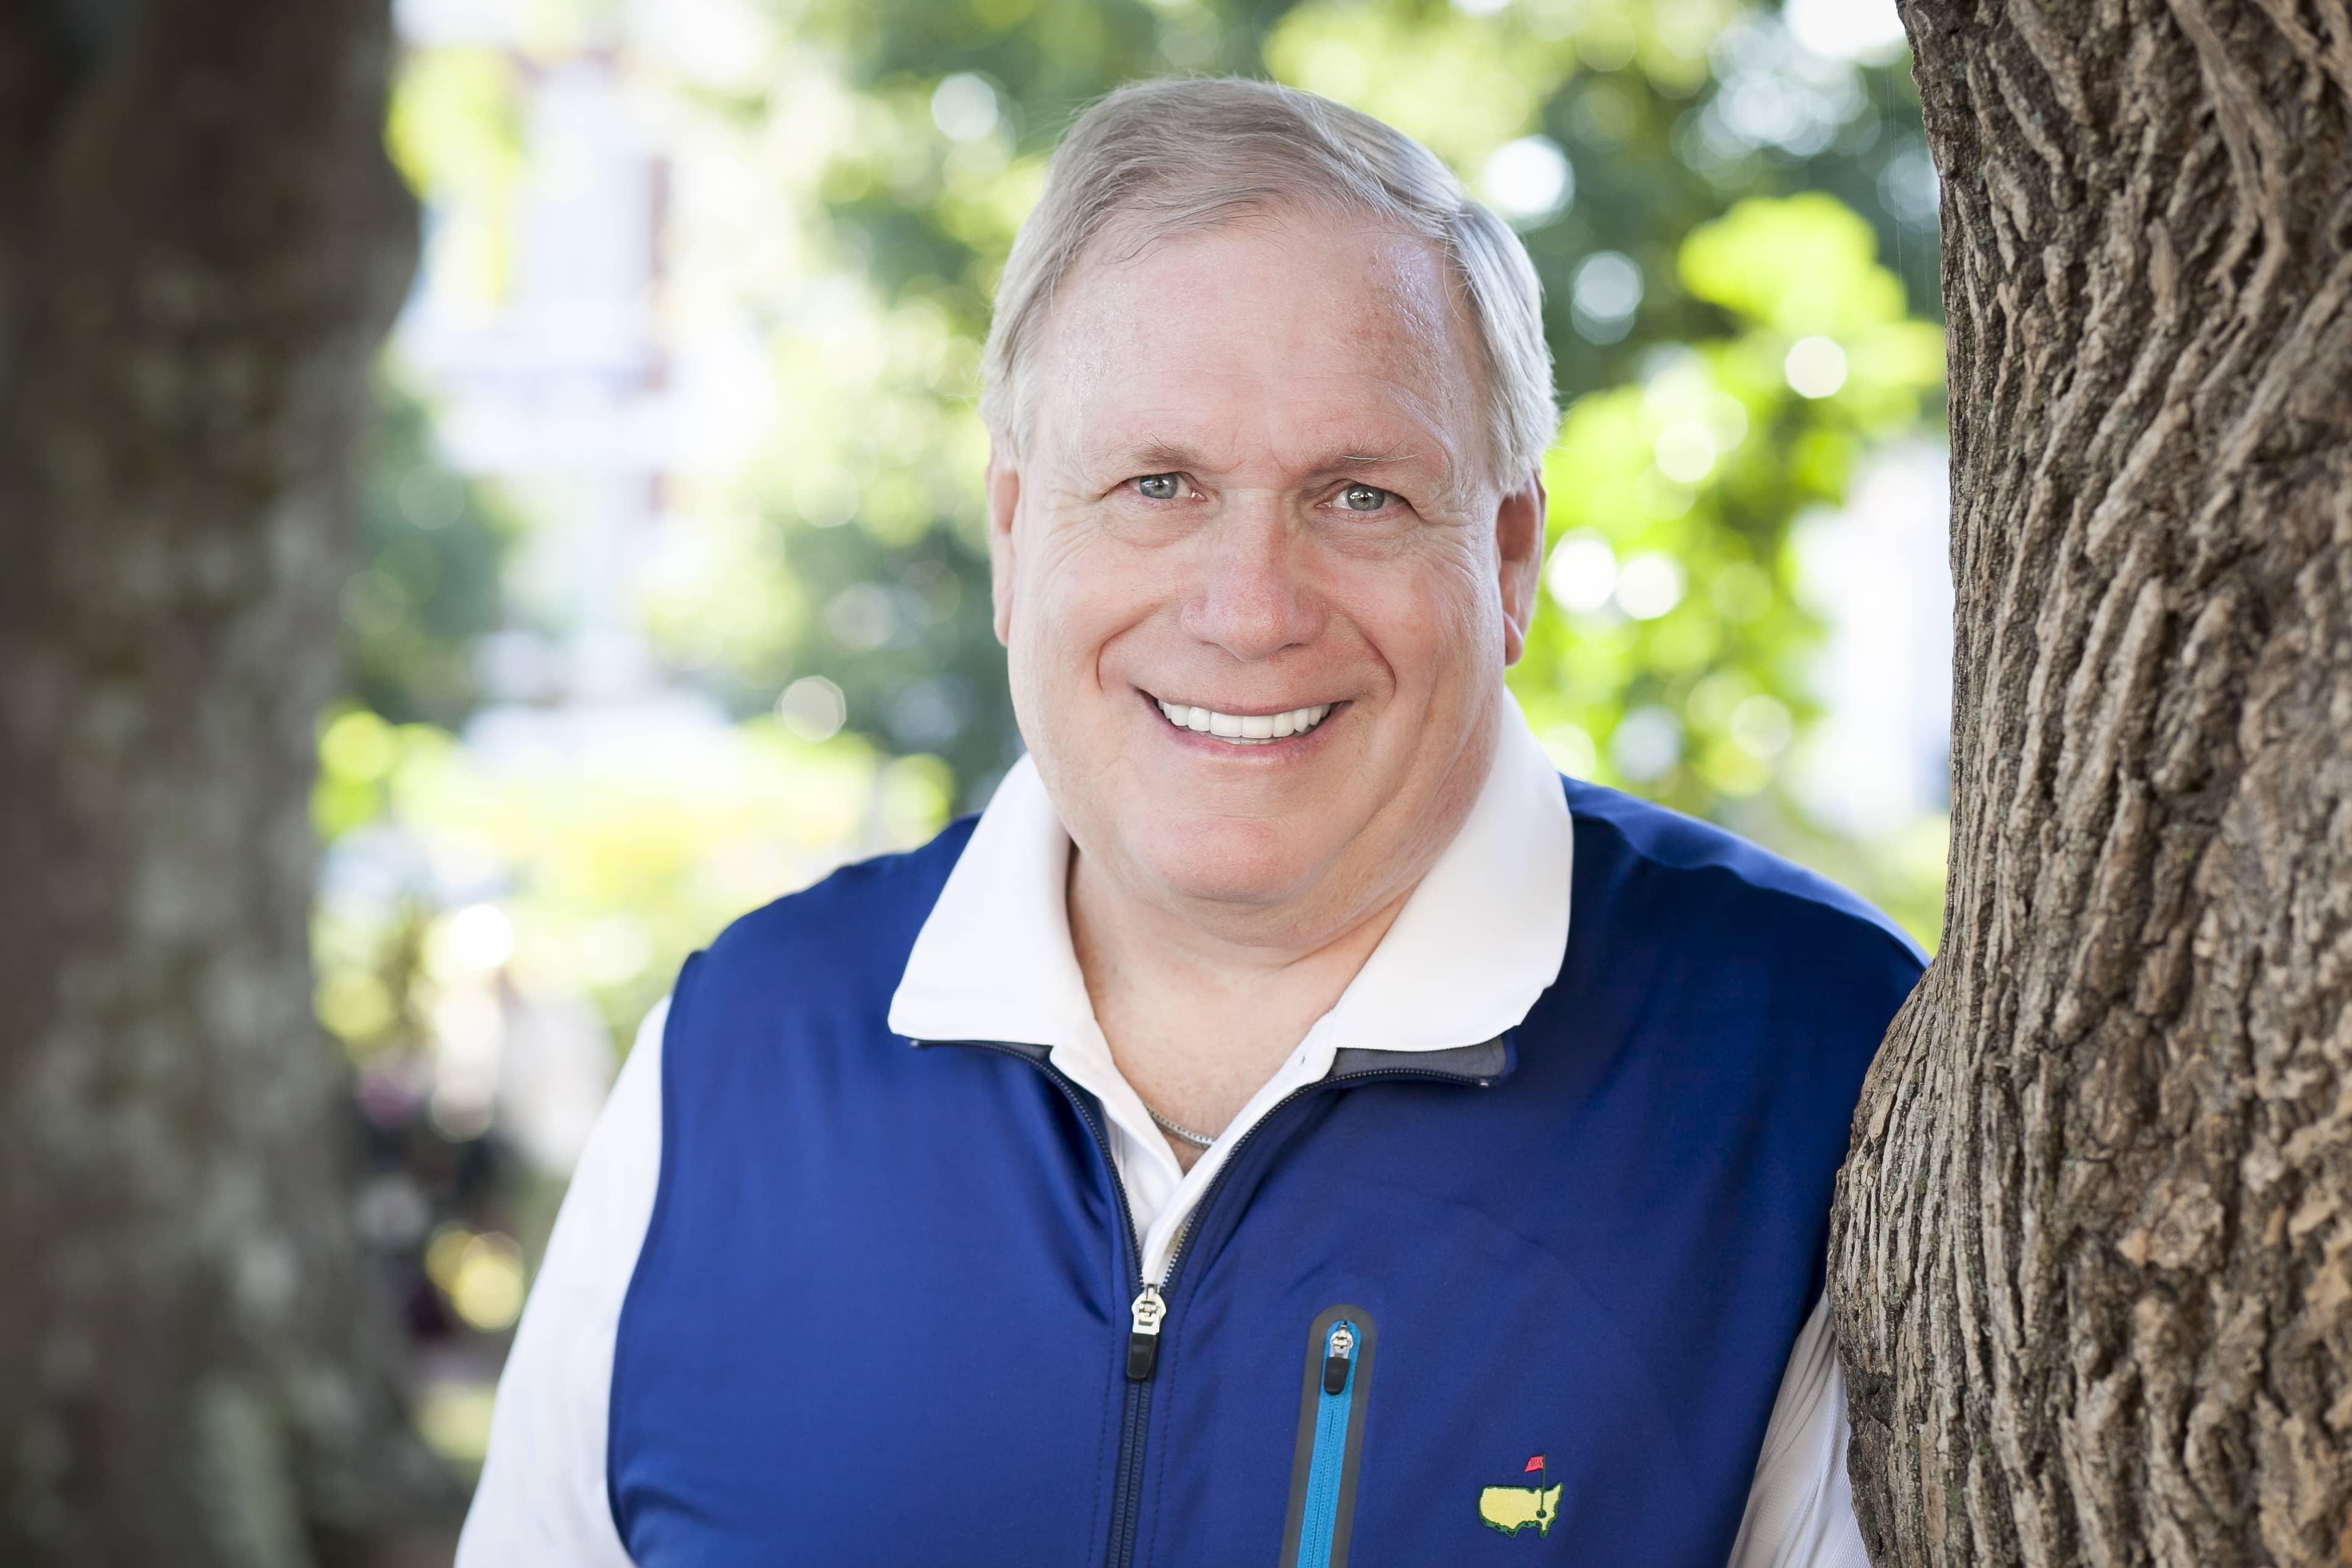 Bob Mann Motivational Speaker